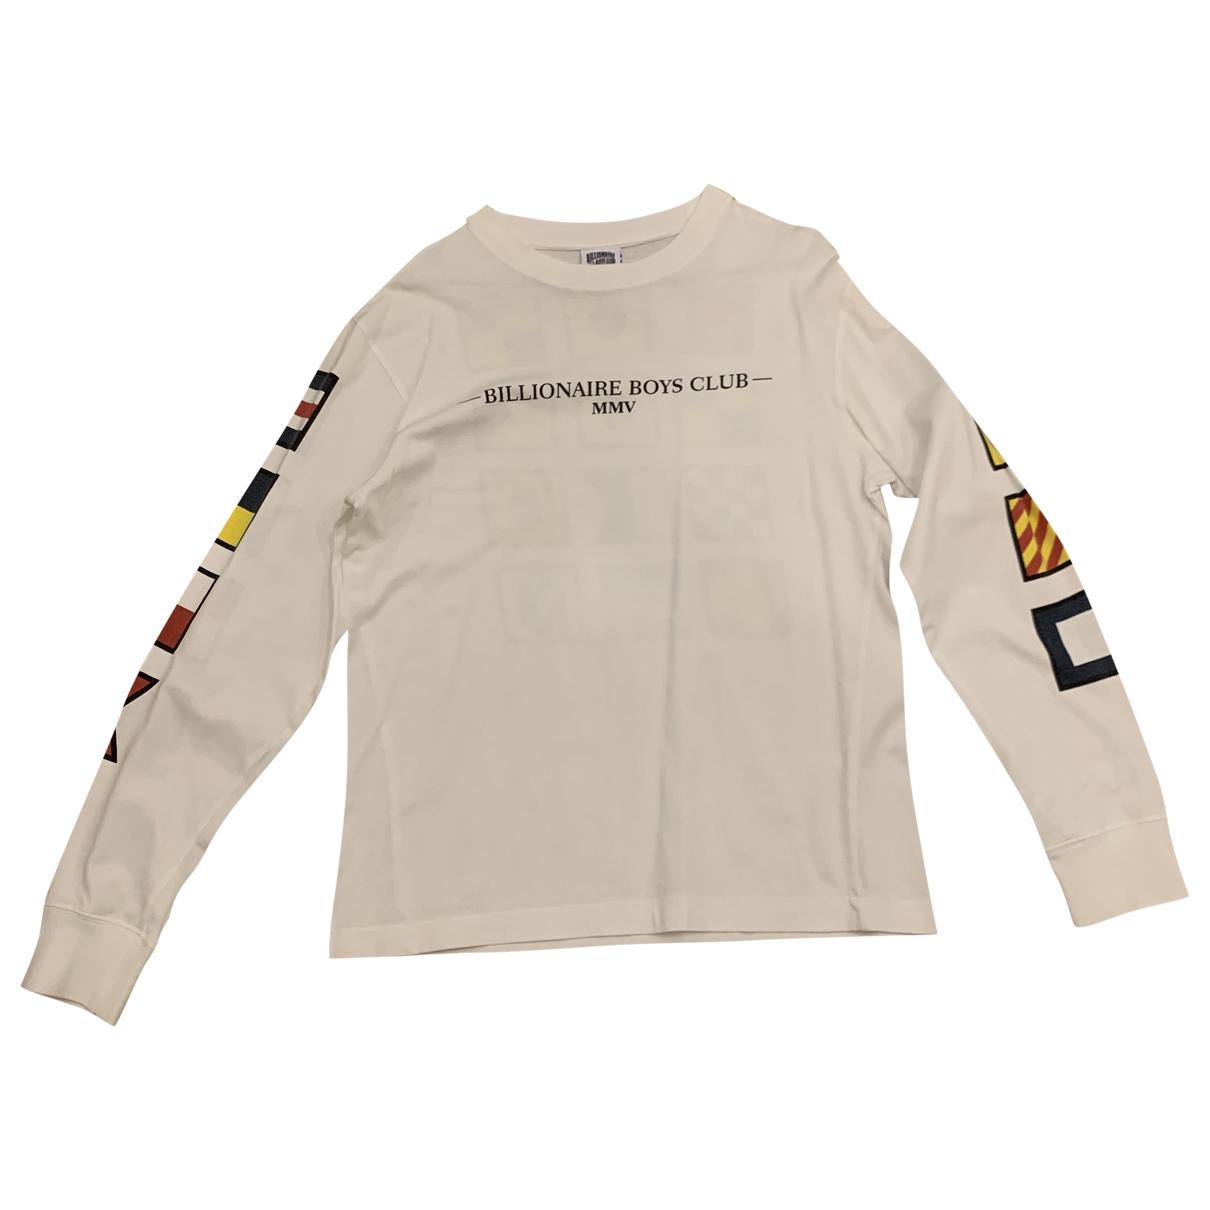 Billionaire Boys Club - Tee shirts   pour homme en coton - blanc